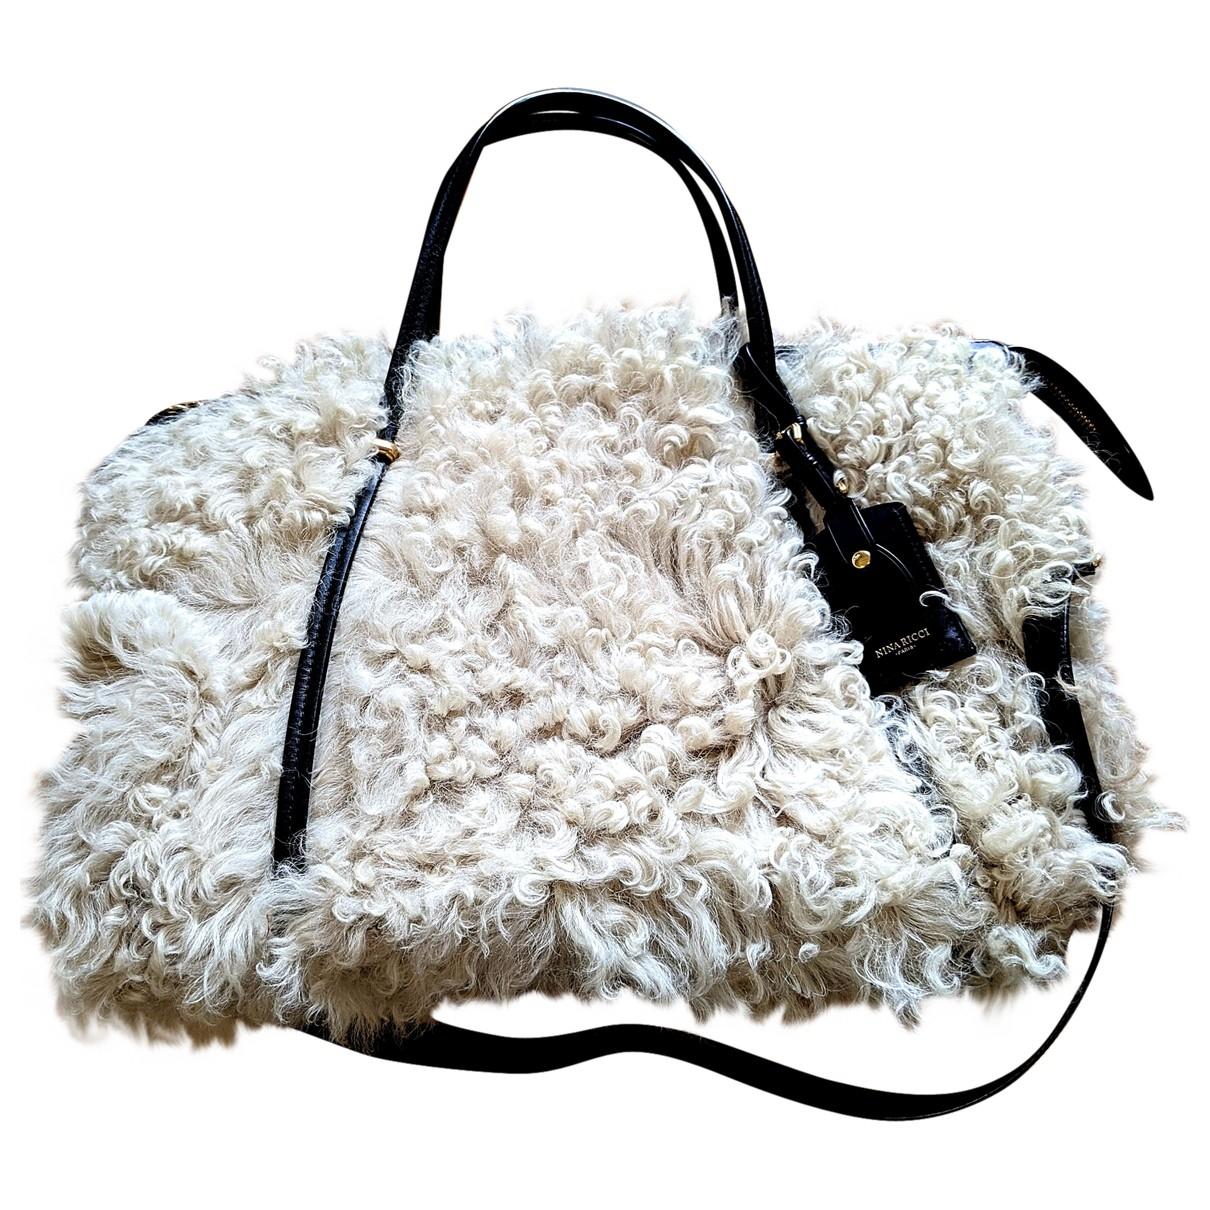 Nina Ricci - Sac a main   pour femme en agneau de mongolie - ecru